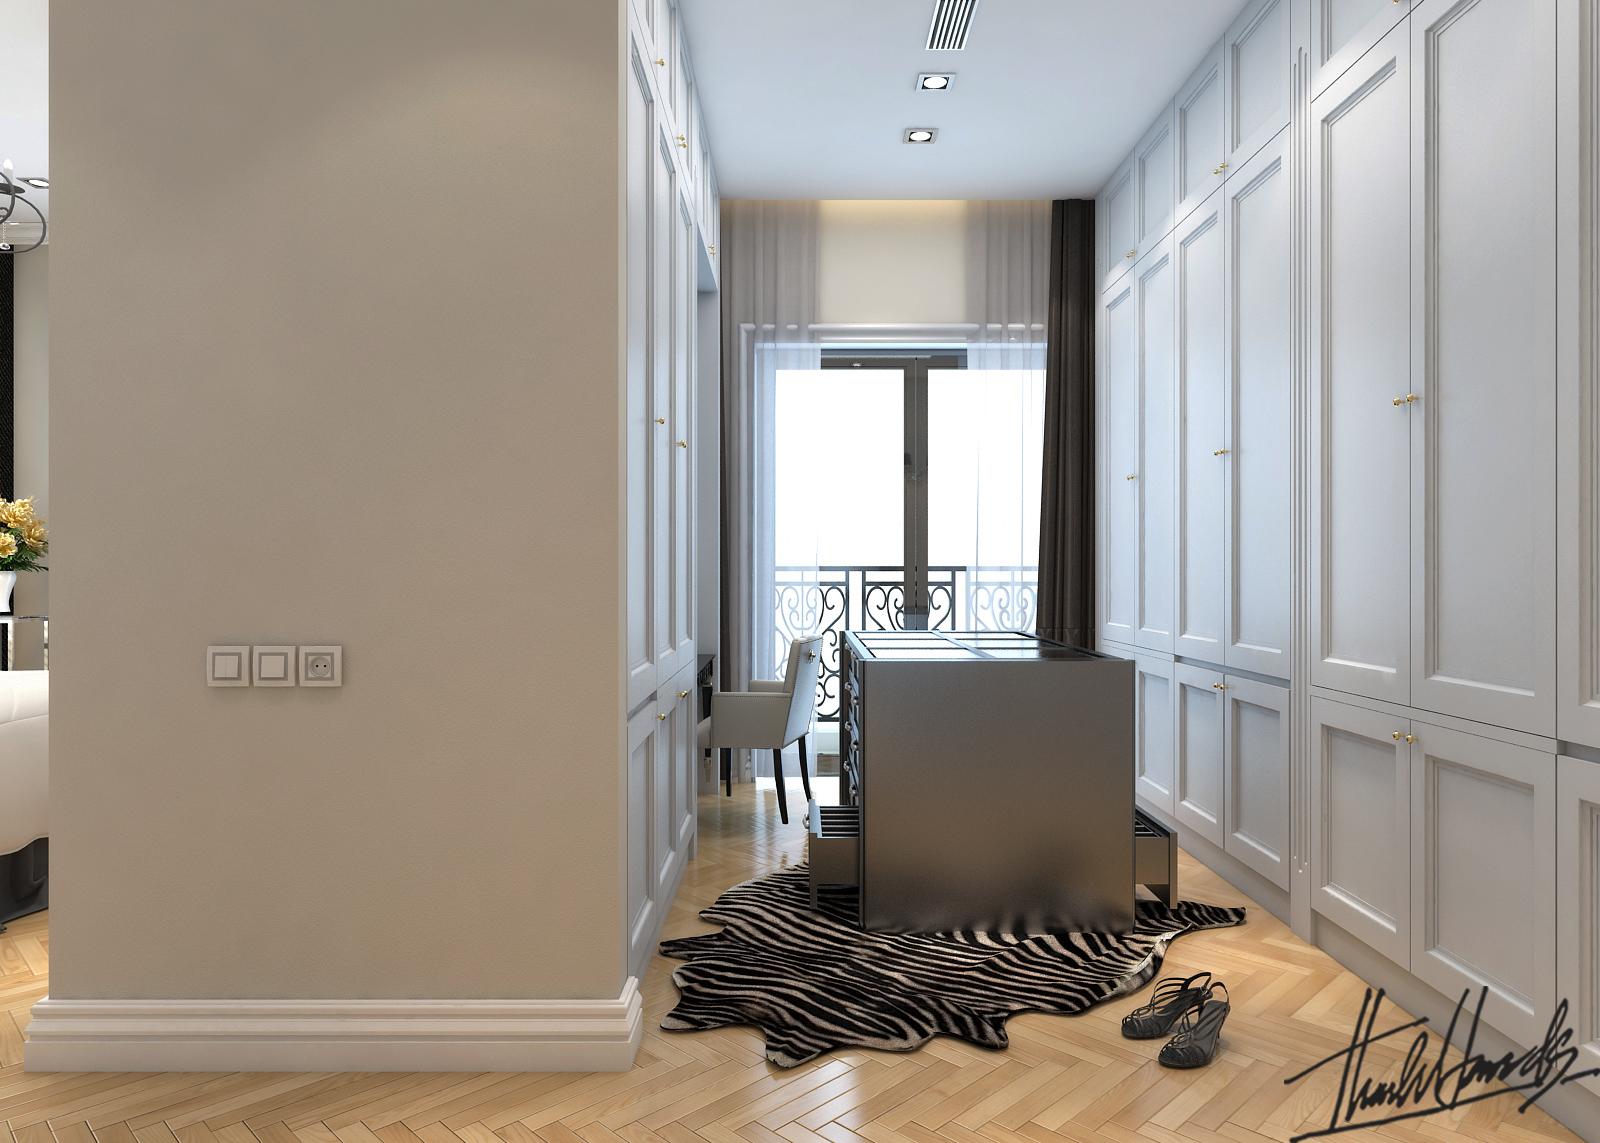 thiết kế nội thất Biệt Thự tại Hà Nội bt Vinhomes - riverside 29 1568274537